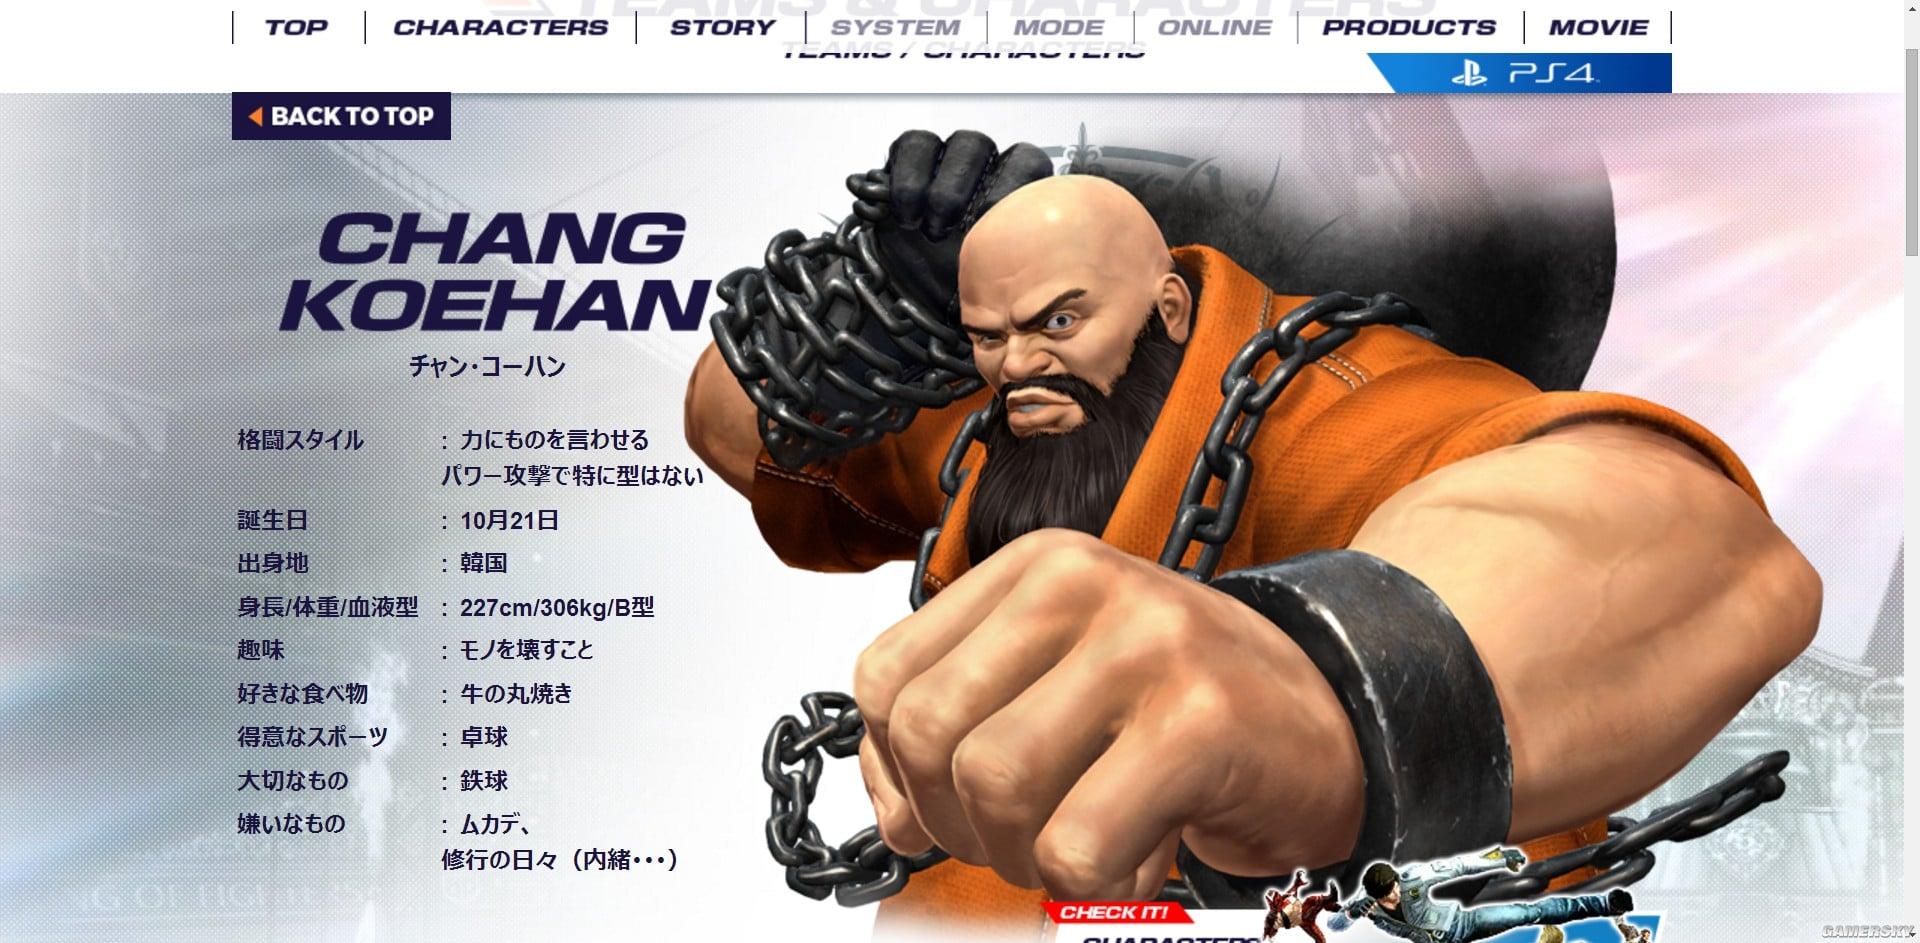 拳皇14 全人物及隊伍背景圖文介紹 人物介紹